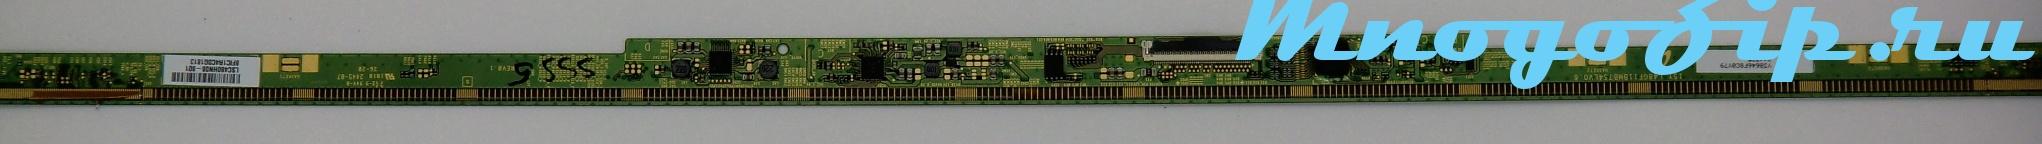 15Y_L48GF11BMB7S4LV0.6 F48D8000K LSC480HN08-8